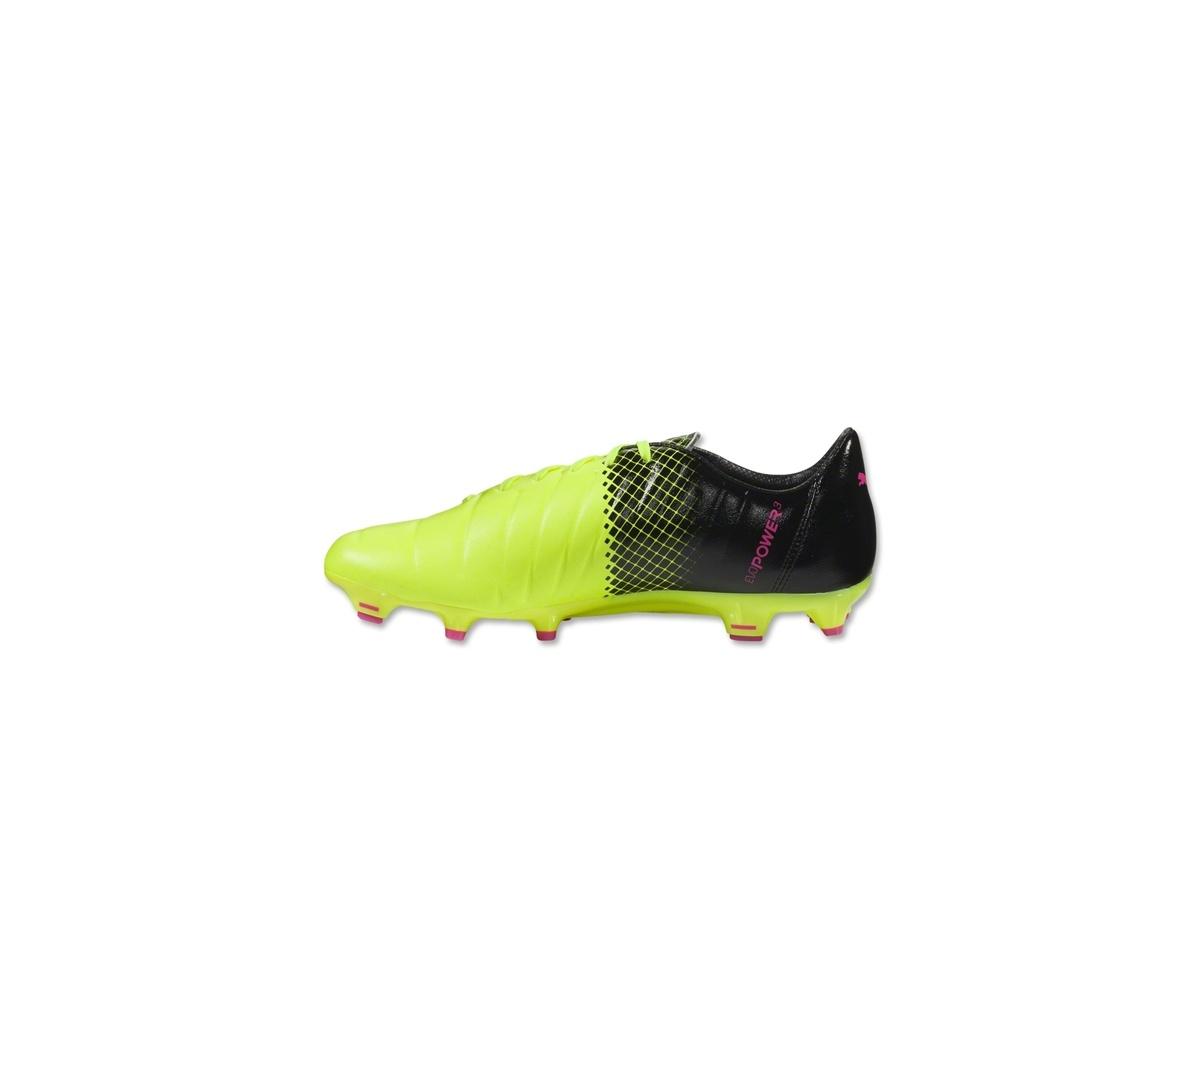 95587574947 Chuteira Puma EvoPower 3.3 Tricks FG - Mundo do Futebol